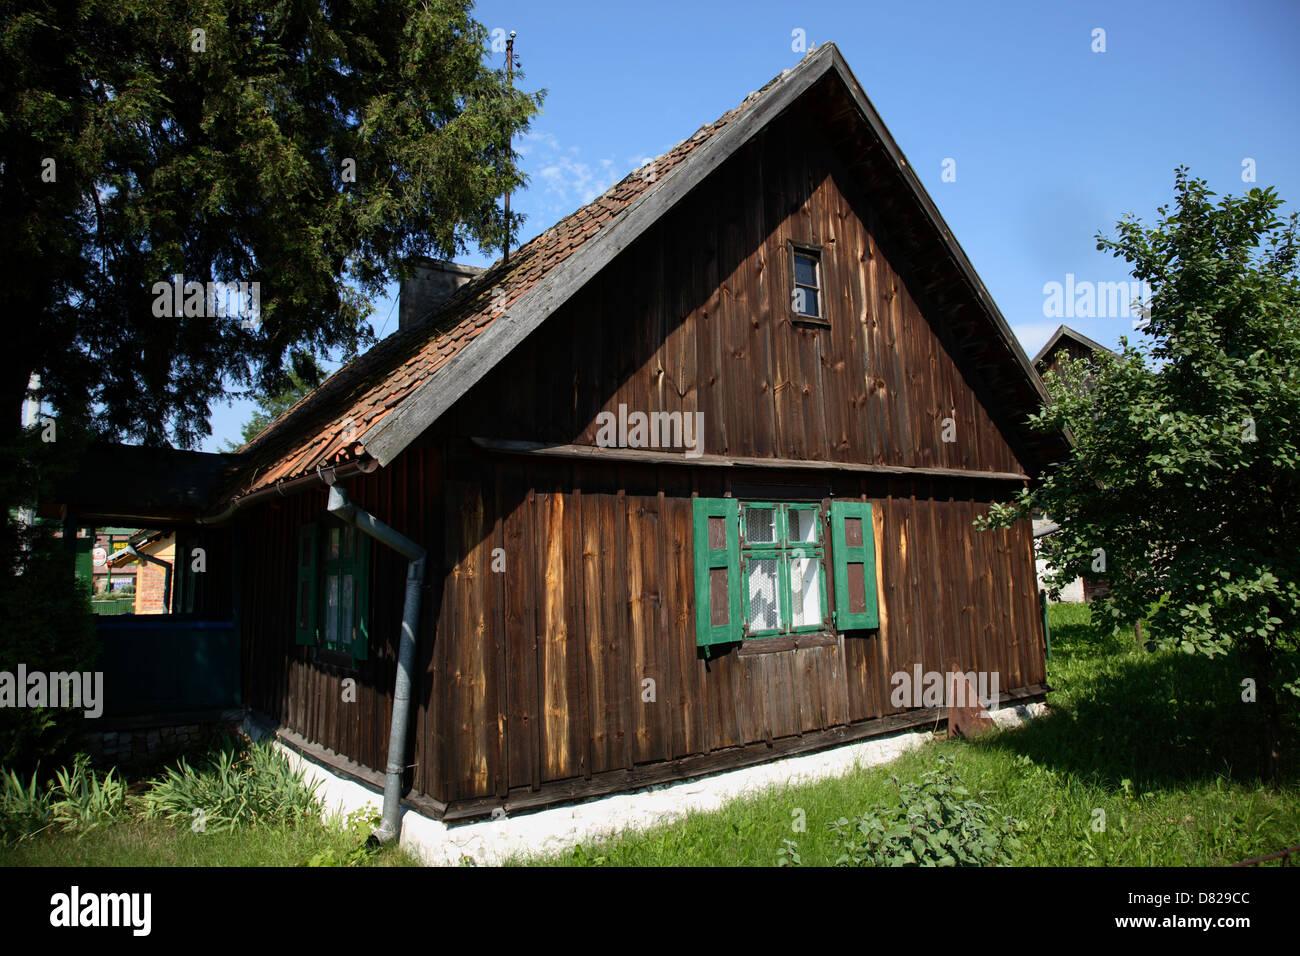 Typisches Holzhaus Masurische Seenplatte Polen Stockfoto Bild